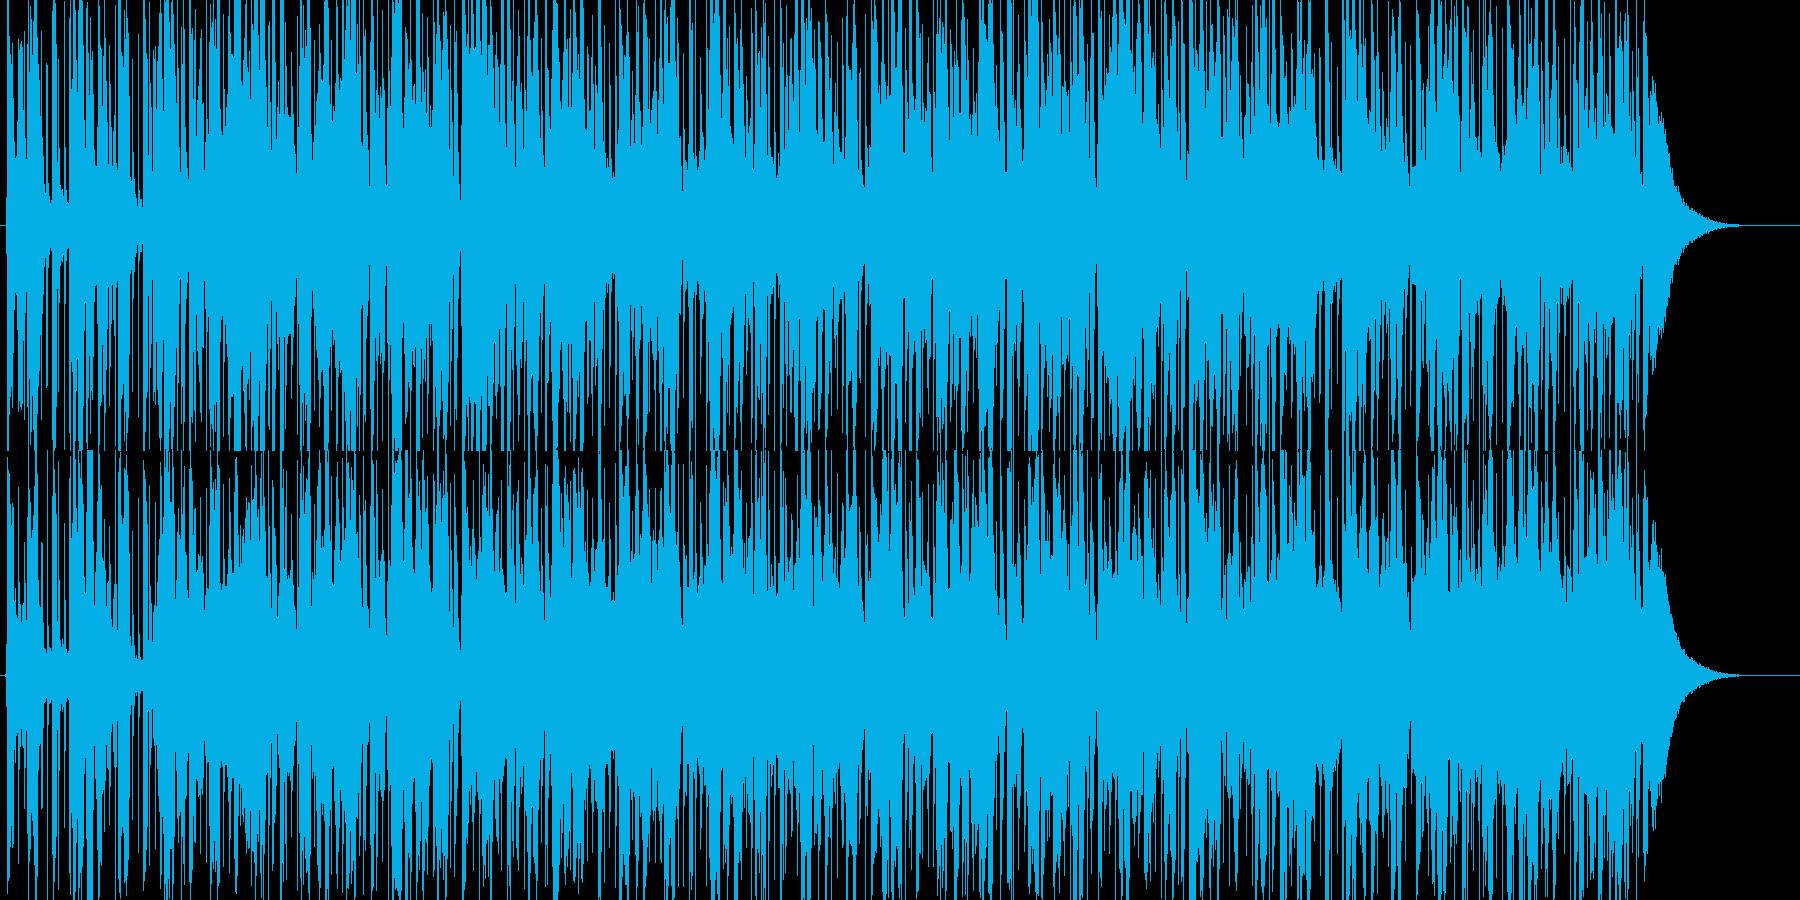 異国情緒溢れるほのぼのBGMの再生済みの波形